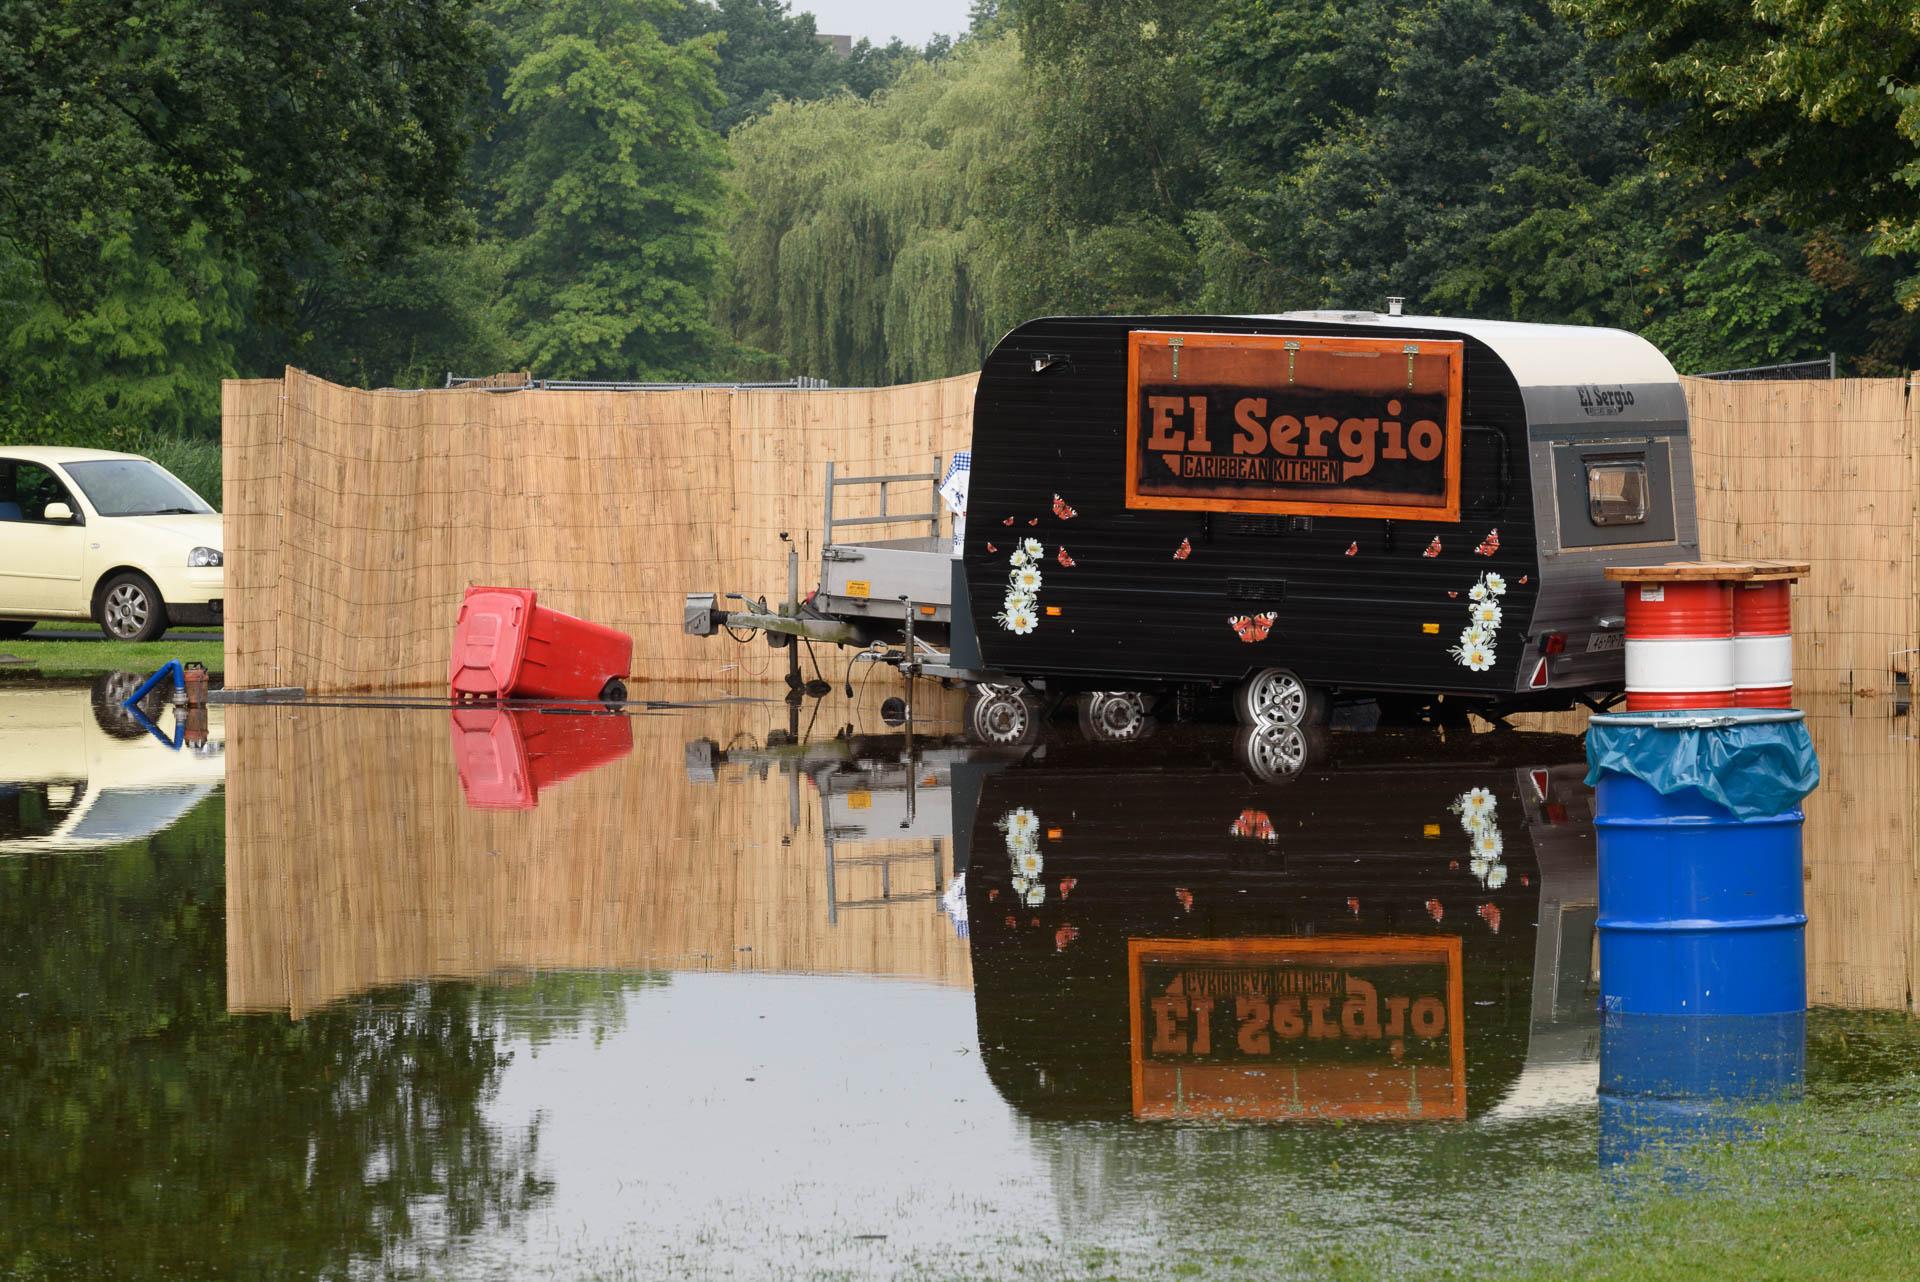 Wateroverlast in het Sonsbeeckpark bij Bumperkluiven.